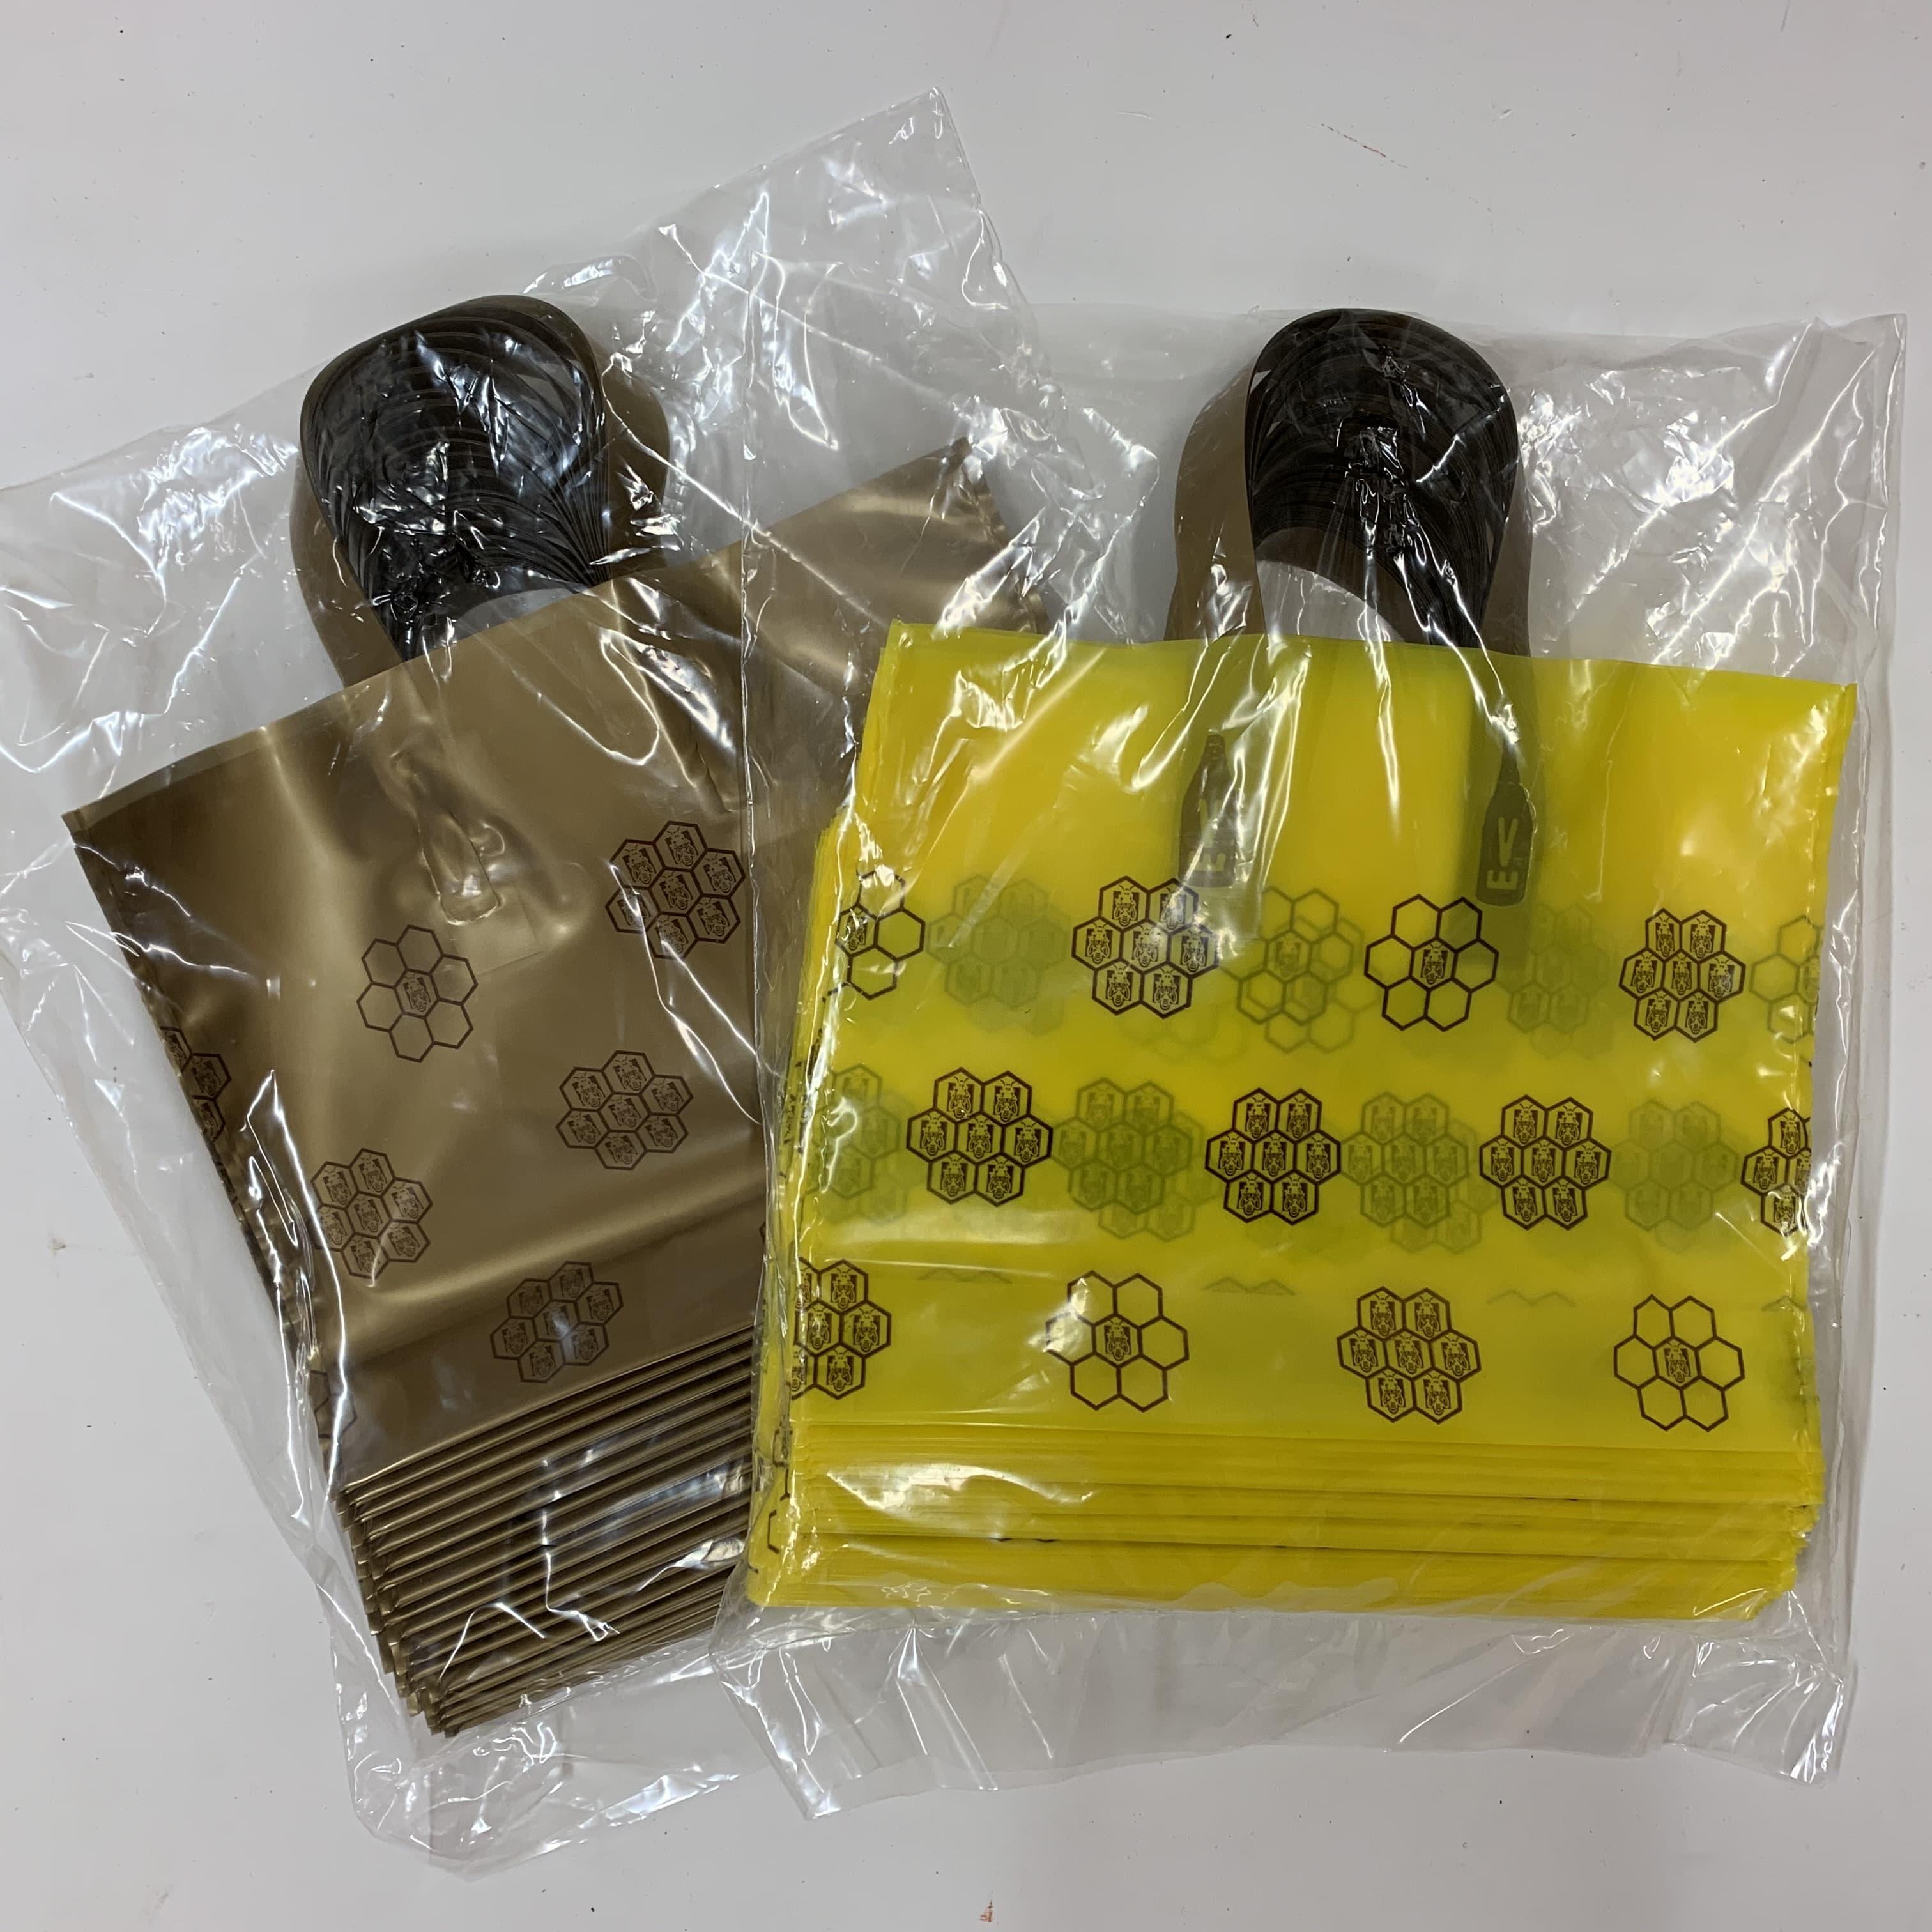 Geschenkbeutel 25 St. für 2 Glas Honig 500 g, dekorativer PE Beutel mit Wabenmuster verziert, Variante GELB